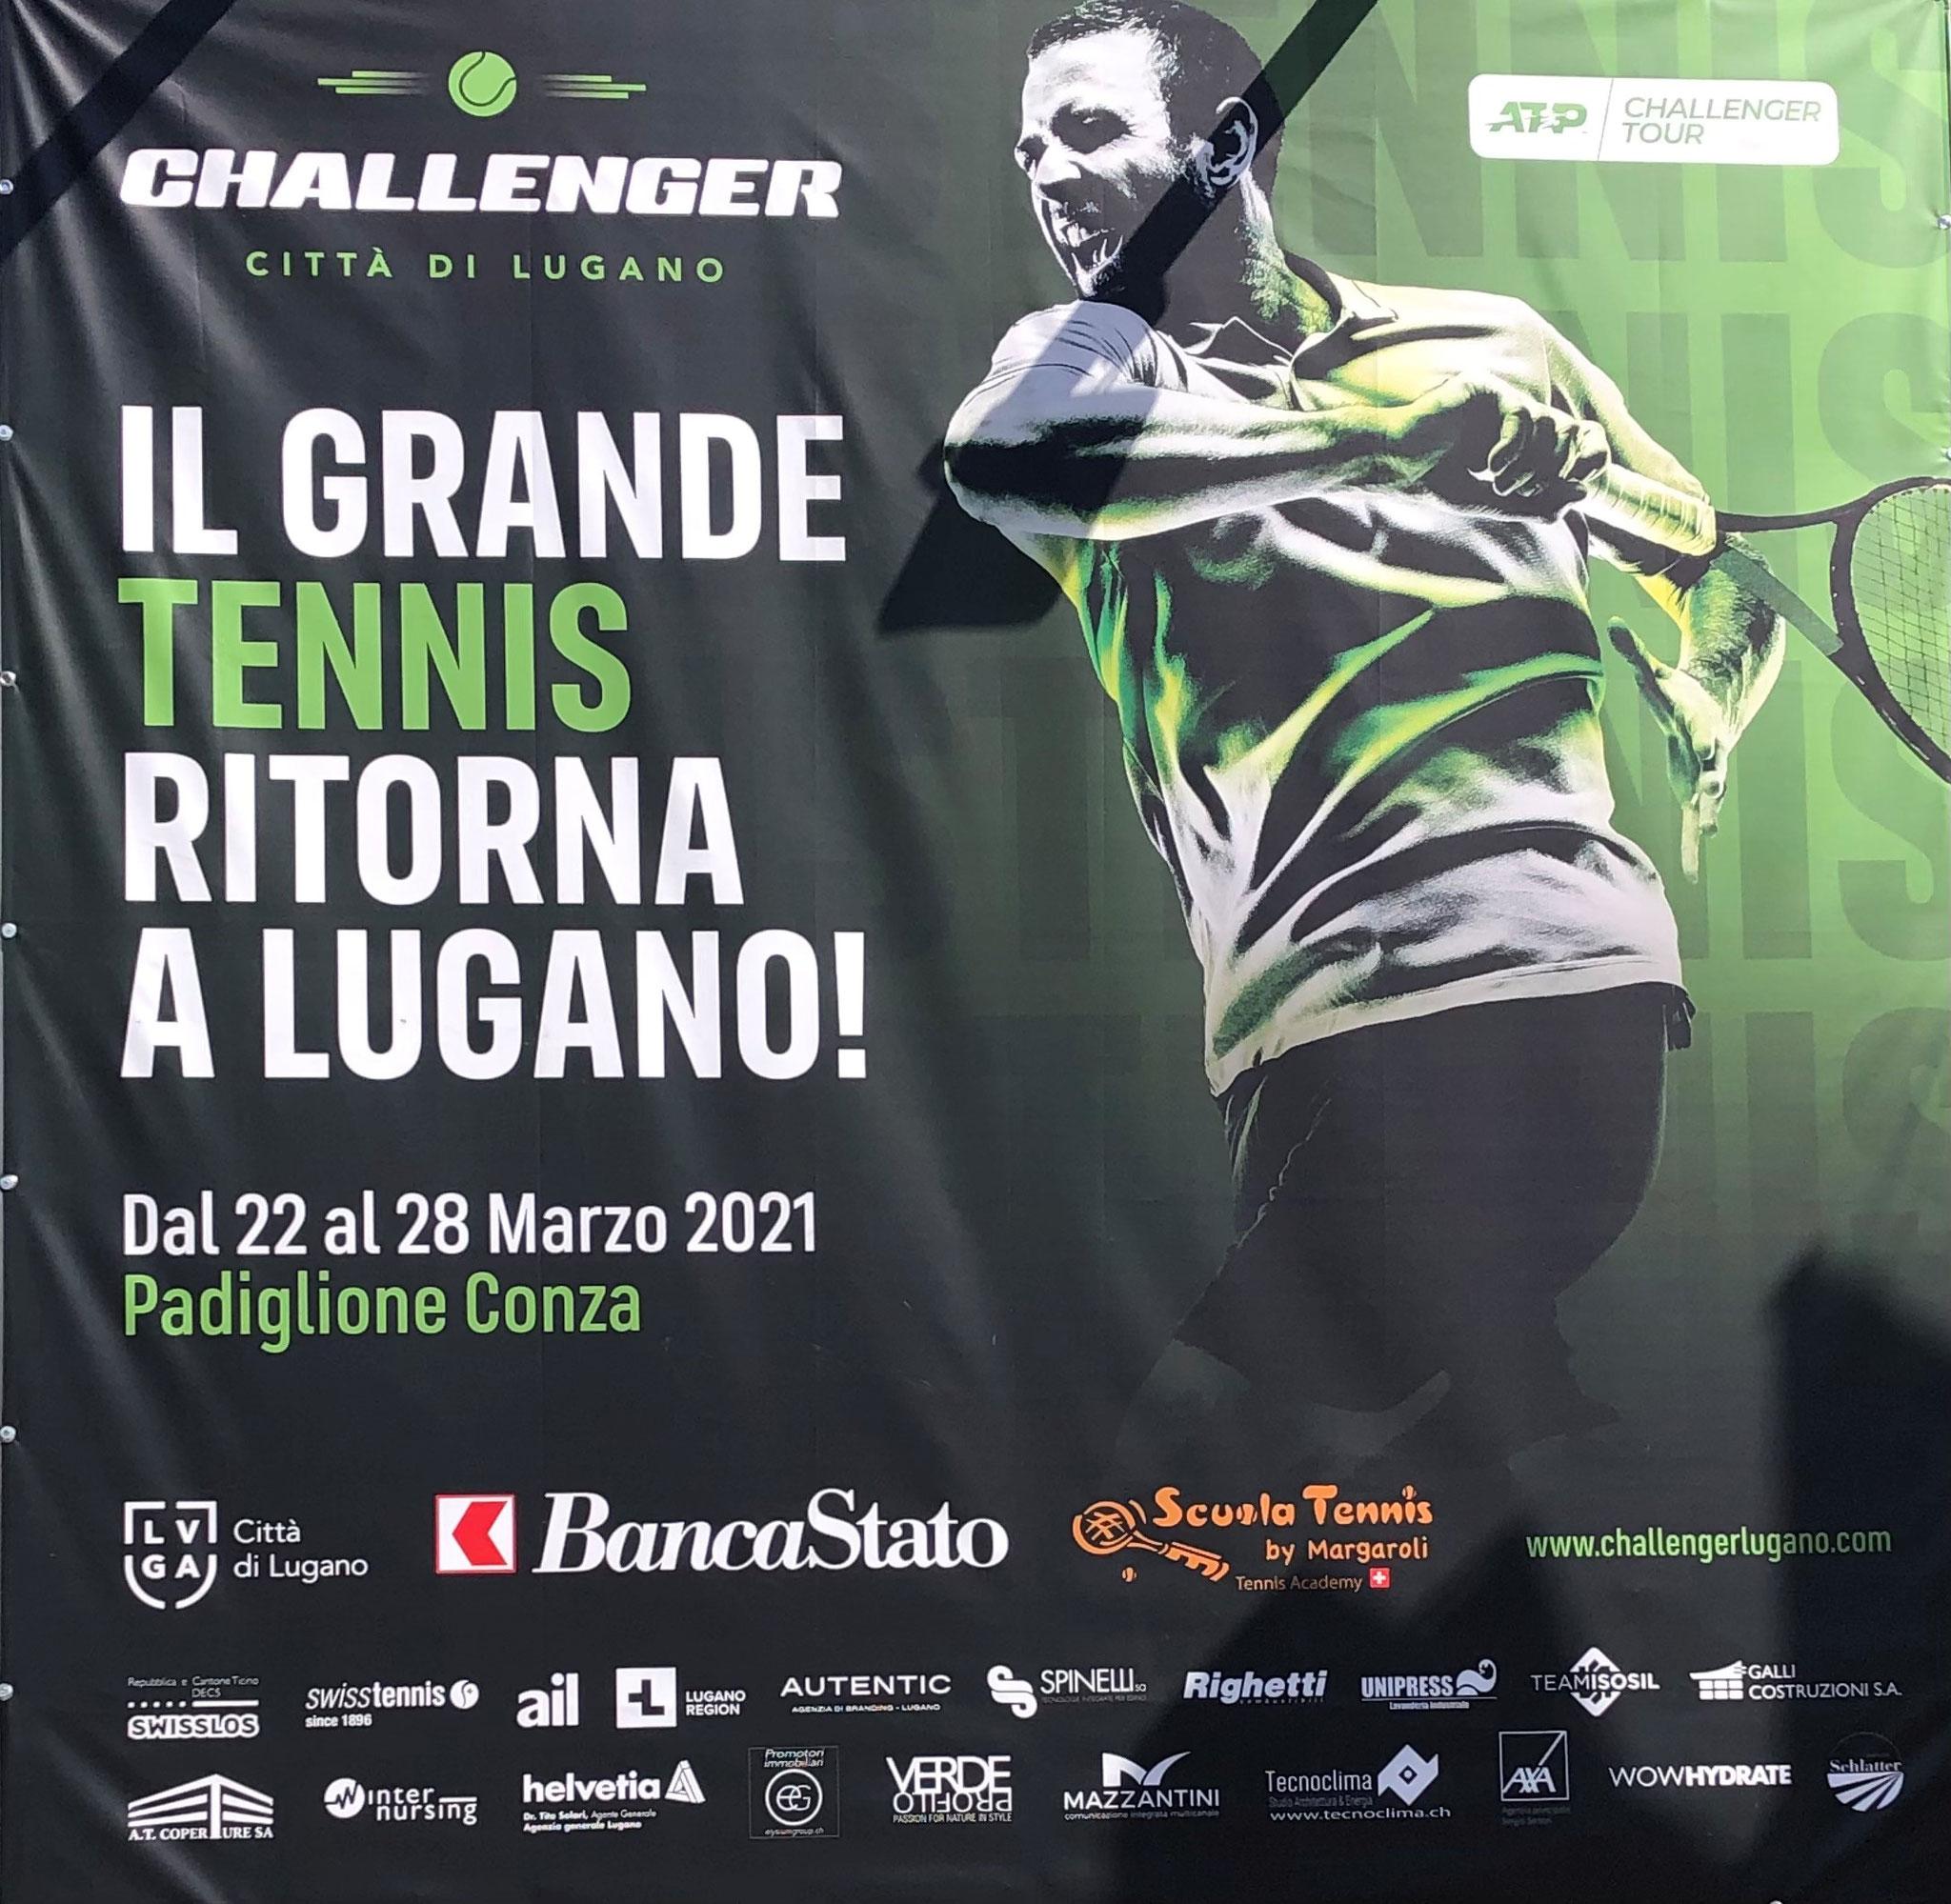 ATC Challenger in Lugano (leider ohne Zuschauer)